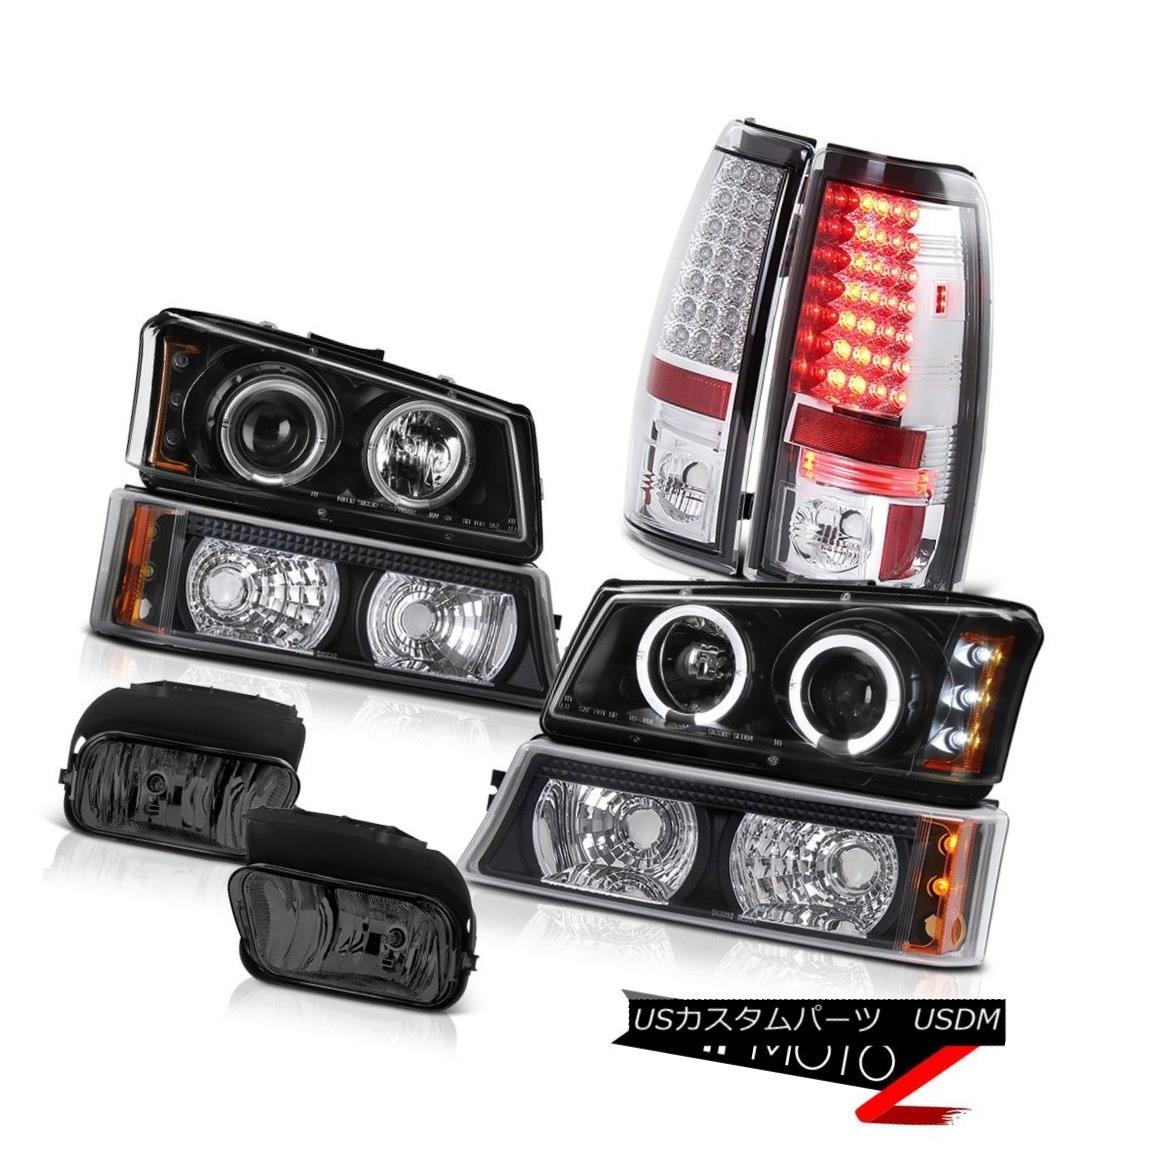 テールライト 03-06 Silverado 1500 Dual Angle Eye Headlights Bumper LED Tail Lights Fog Lights 03-06 Silverado 1500デュアルエンジェルアイヘッドライトバンパーLEDテールライトフォグライト